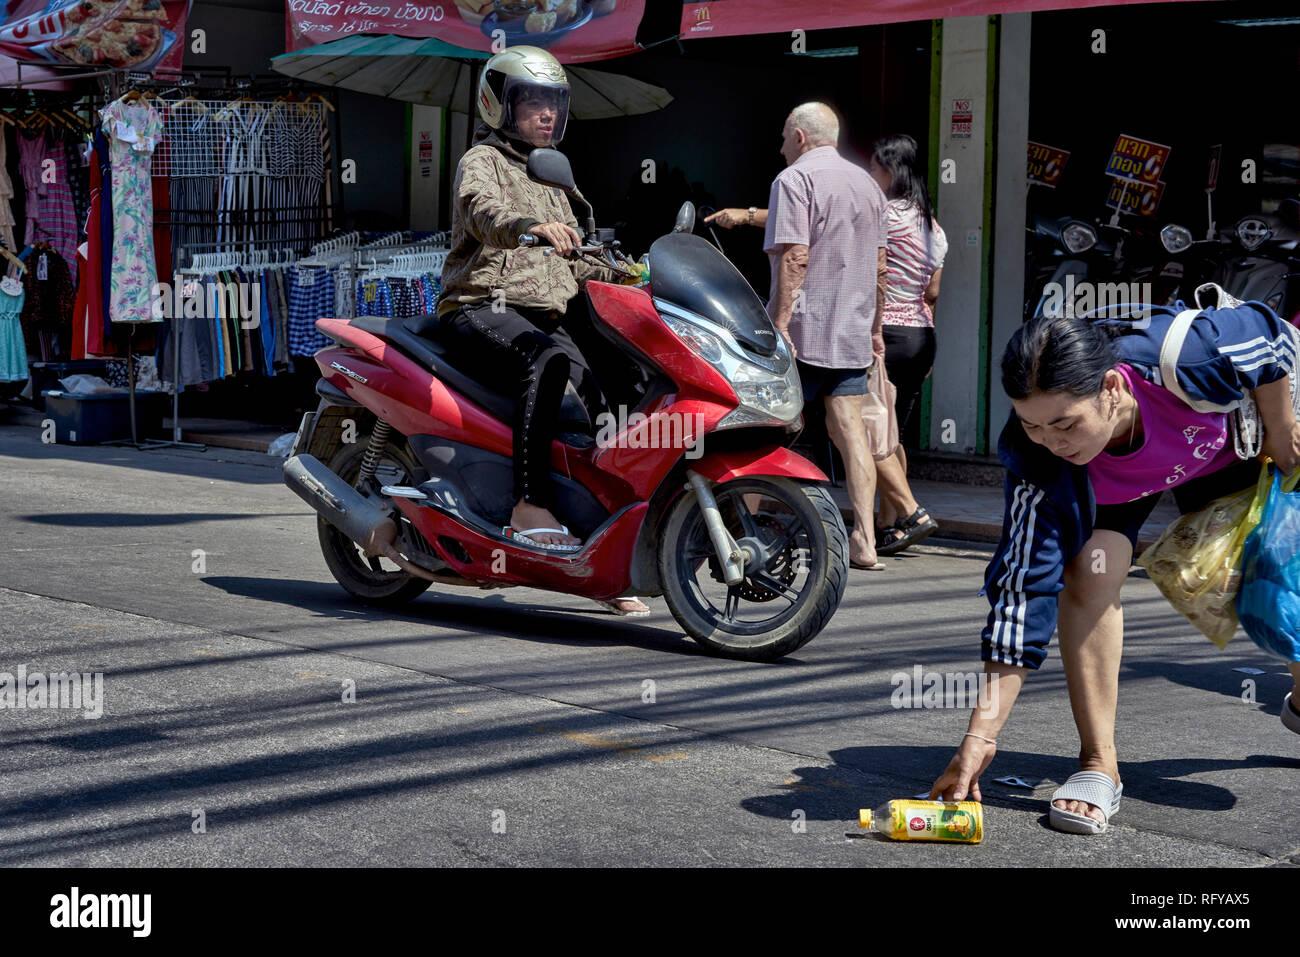 Mujer toma un riesgo para recuperar la botella bebidas con el resto del tráfico. Acción arriesgada. Tailandia Sudeste asiático Foto de stock